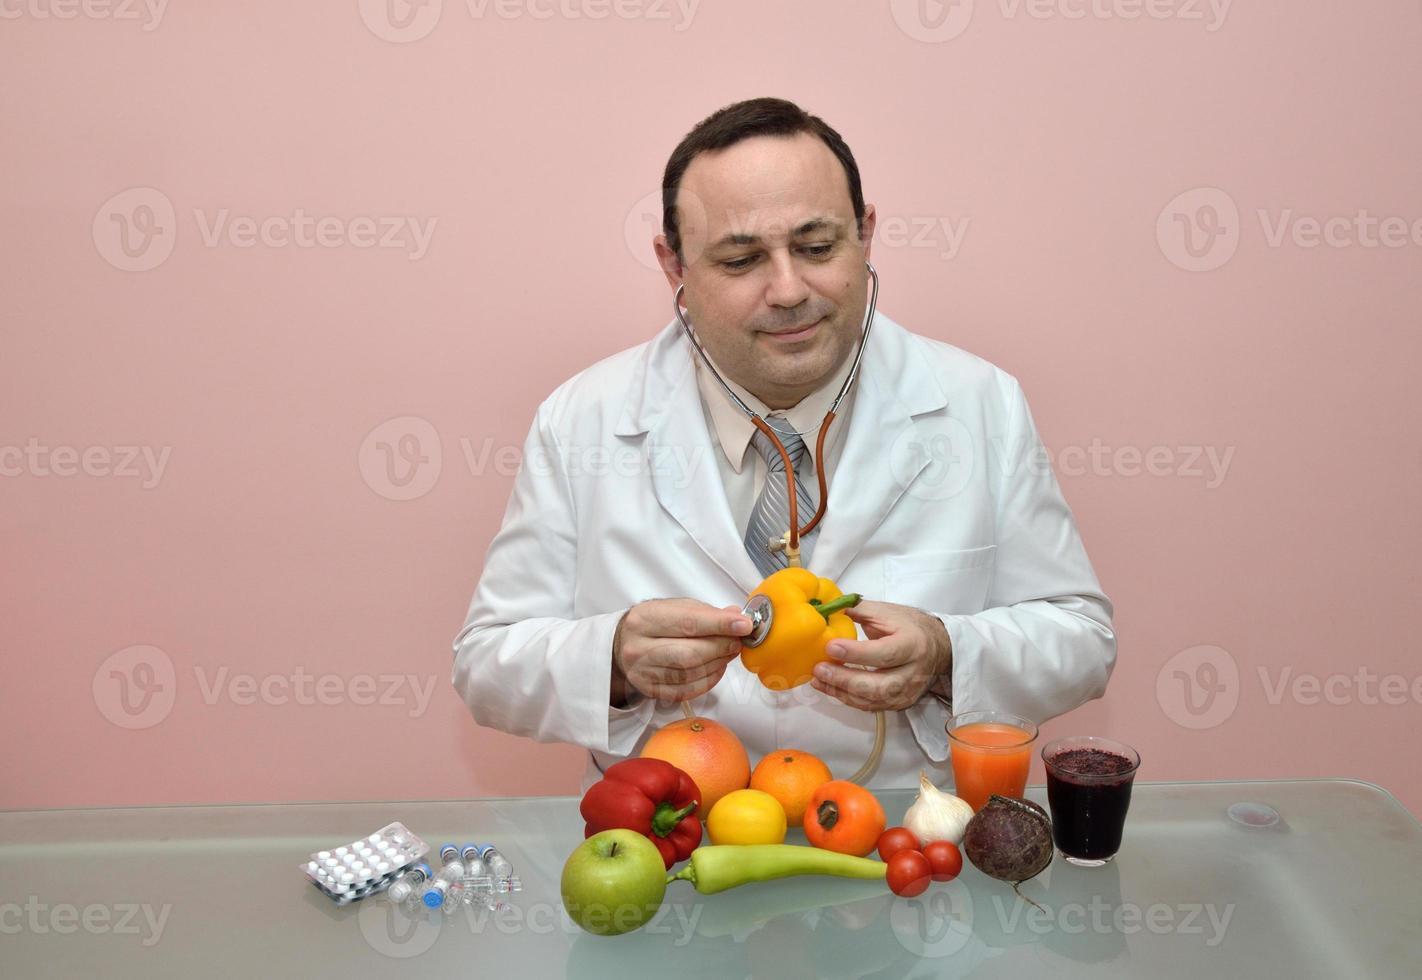 medico che controlla la salute di un peperone giallo foto